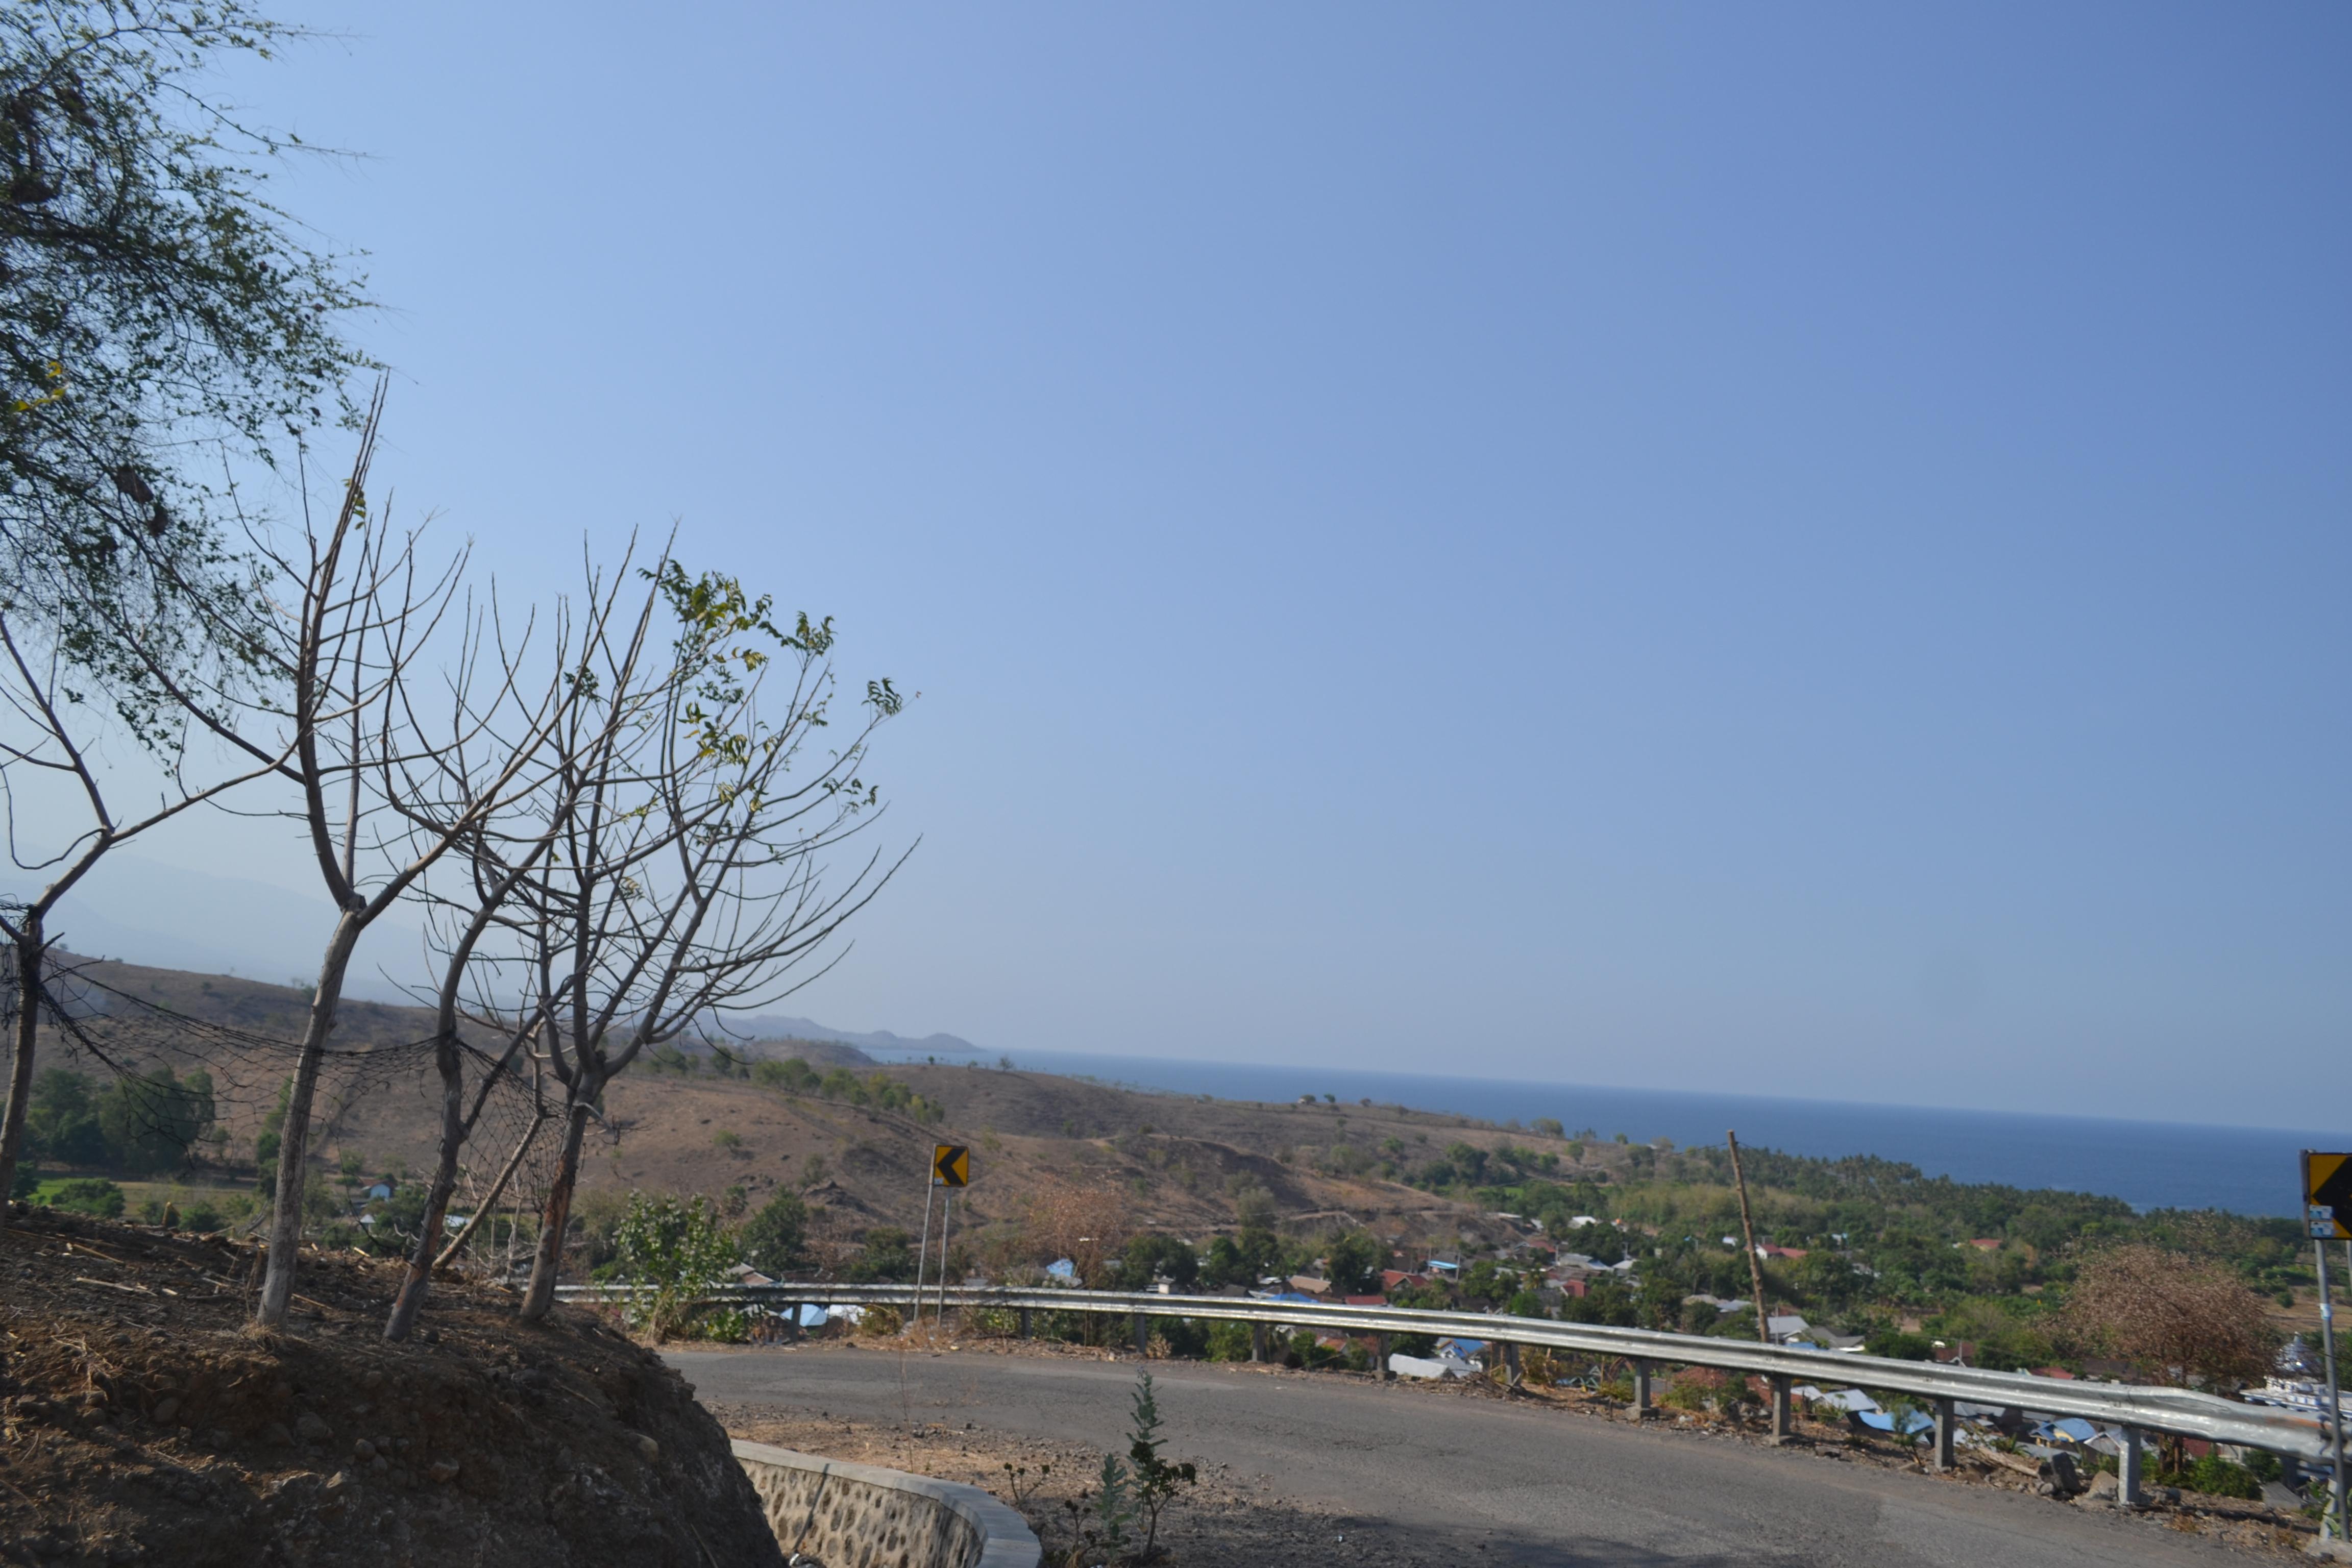 Pesona keindahan pemandangan alam Bima yang berbatasan dengan laut, kontras terhadap bukit yang gundul.